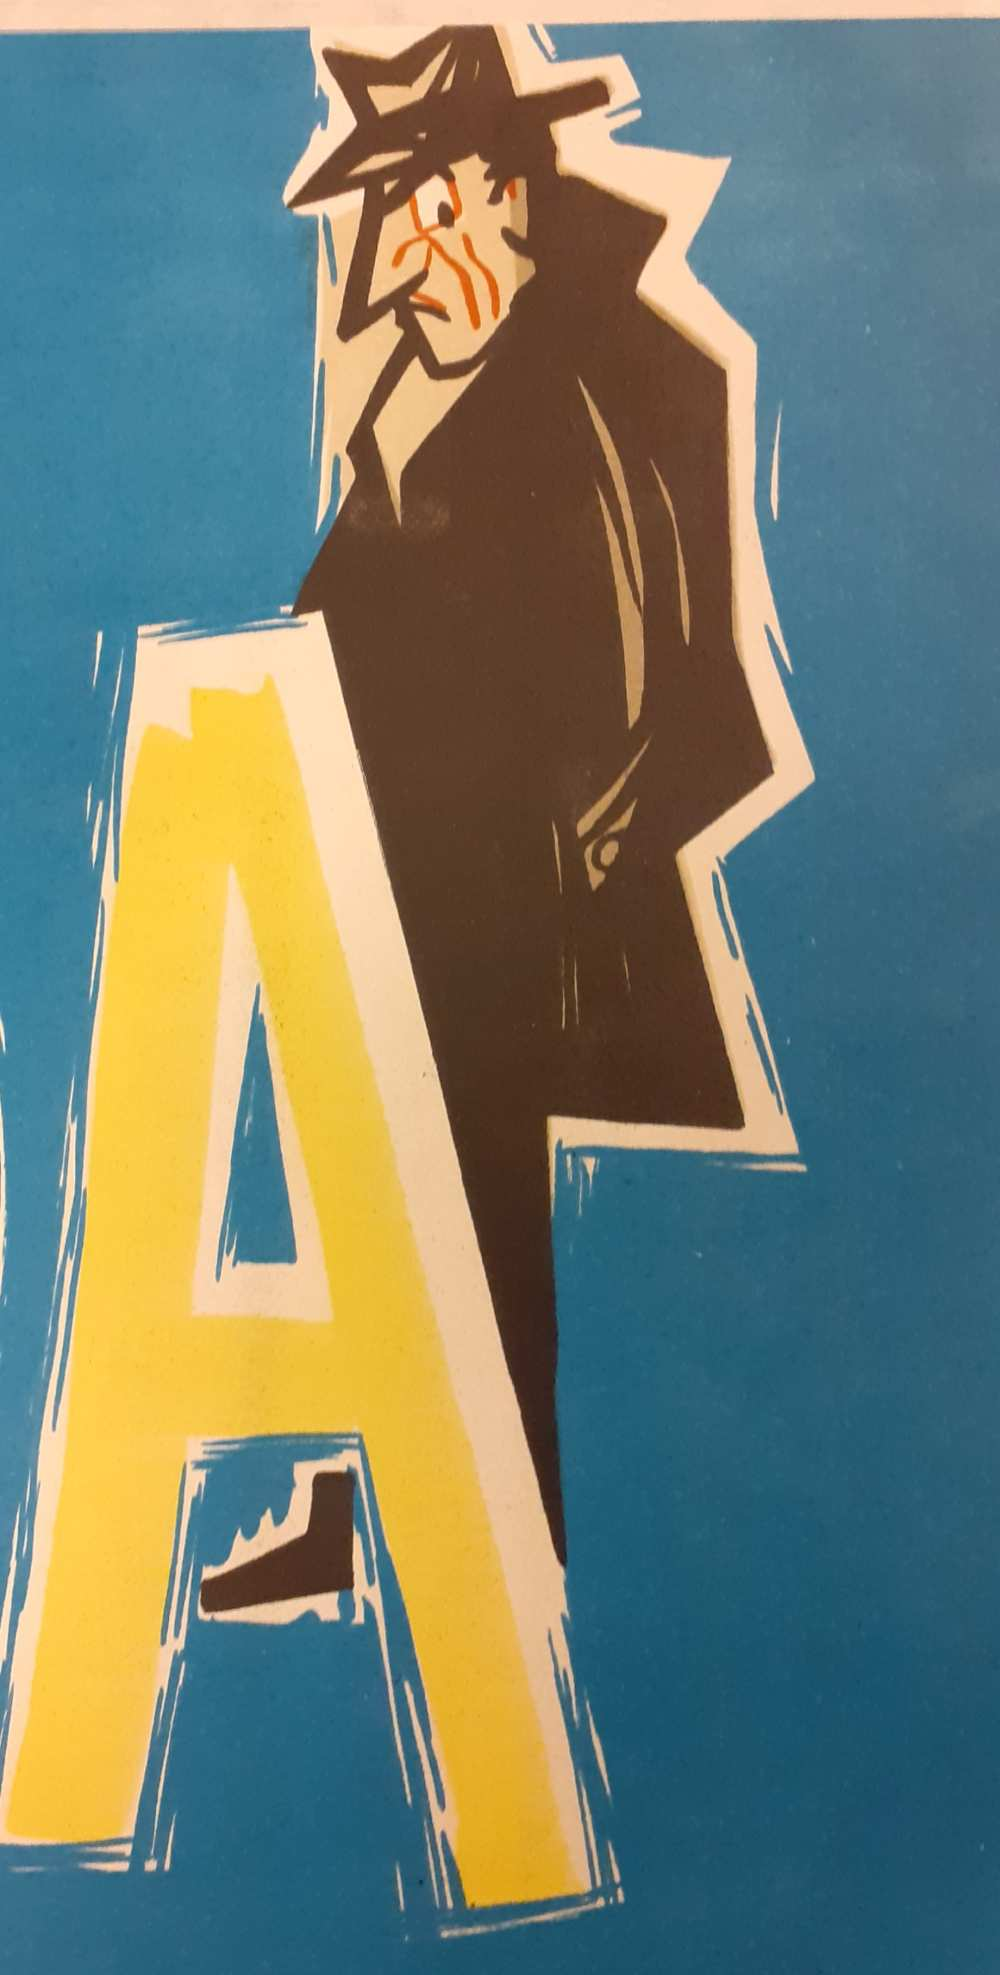 Benedek Tibor mint Zacsek. Grafika. Micsoda emberek vannak. Zenés kabaré 2 részben. Rendezte Zsudi József. Bemutató: Vidám Színpad, 1962. március 9. Színlaprészlet – Színháztörténeti és Zeneműtár